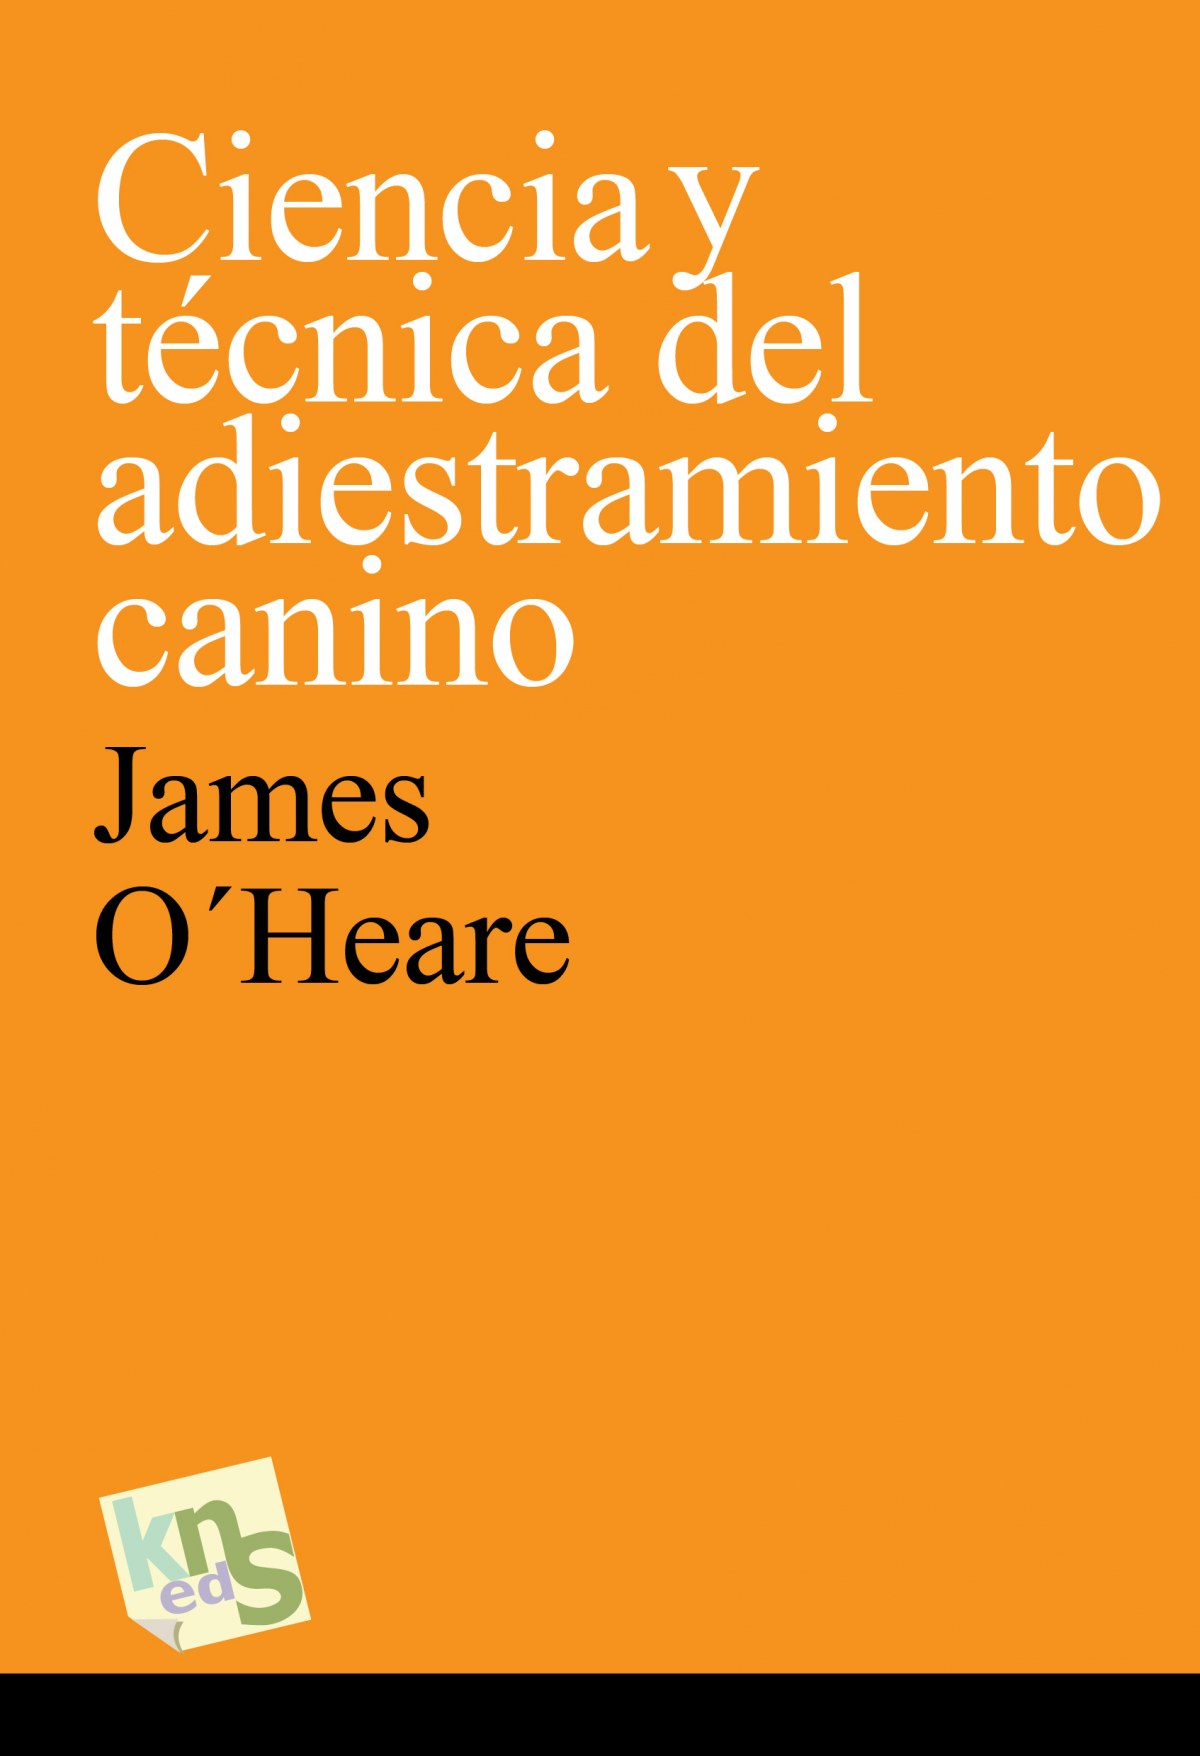 CIENCIA Y TéCNICA DEL ADIESTRAMIENTO CANINO 9788494410925